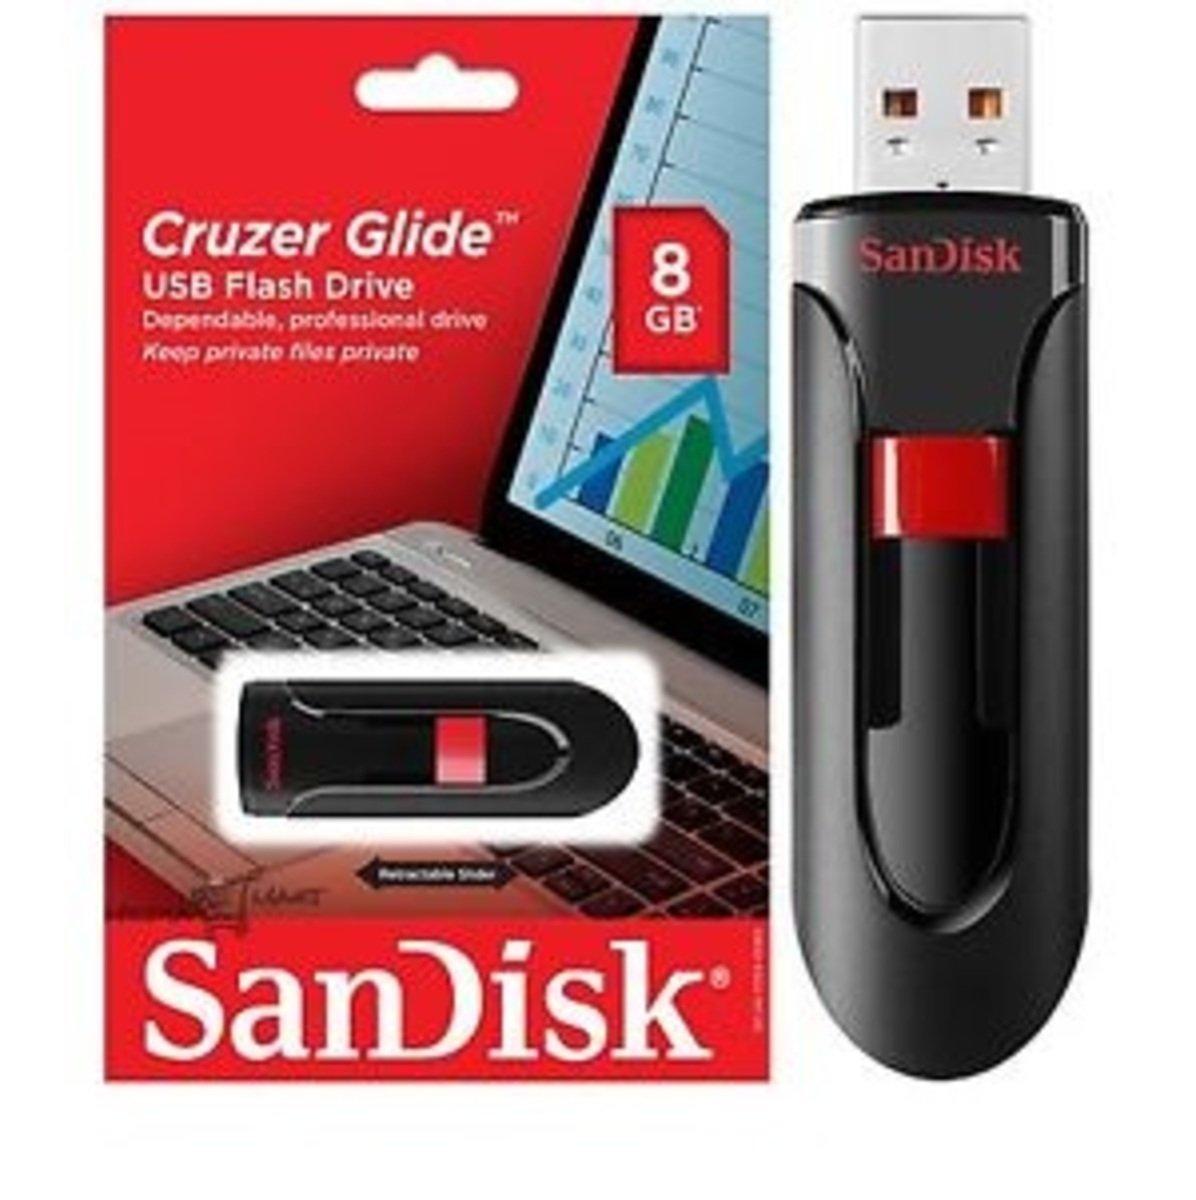 SDCZ60 Cruzer Glide 8GB USB 手指